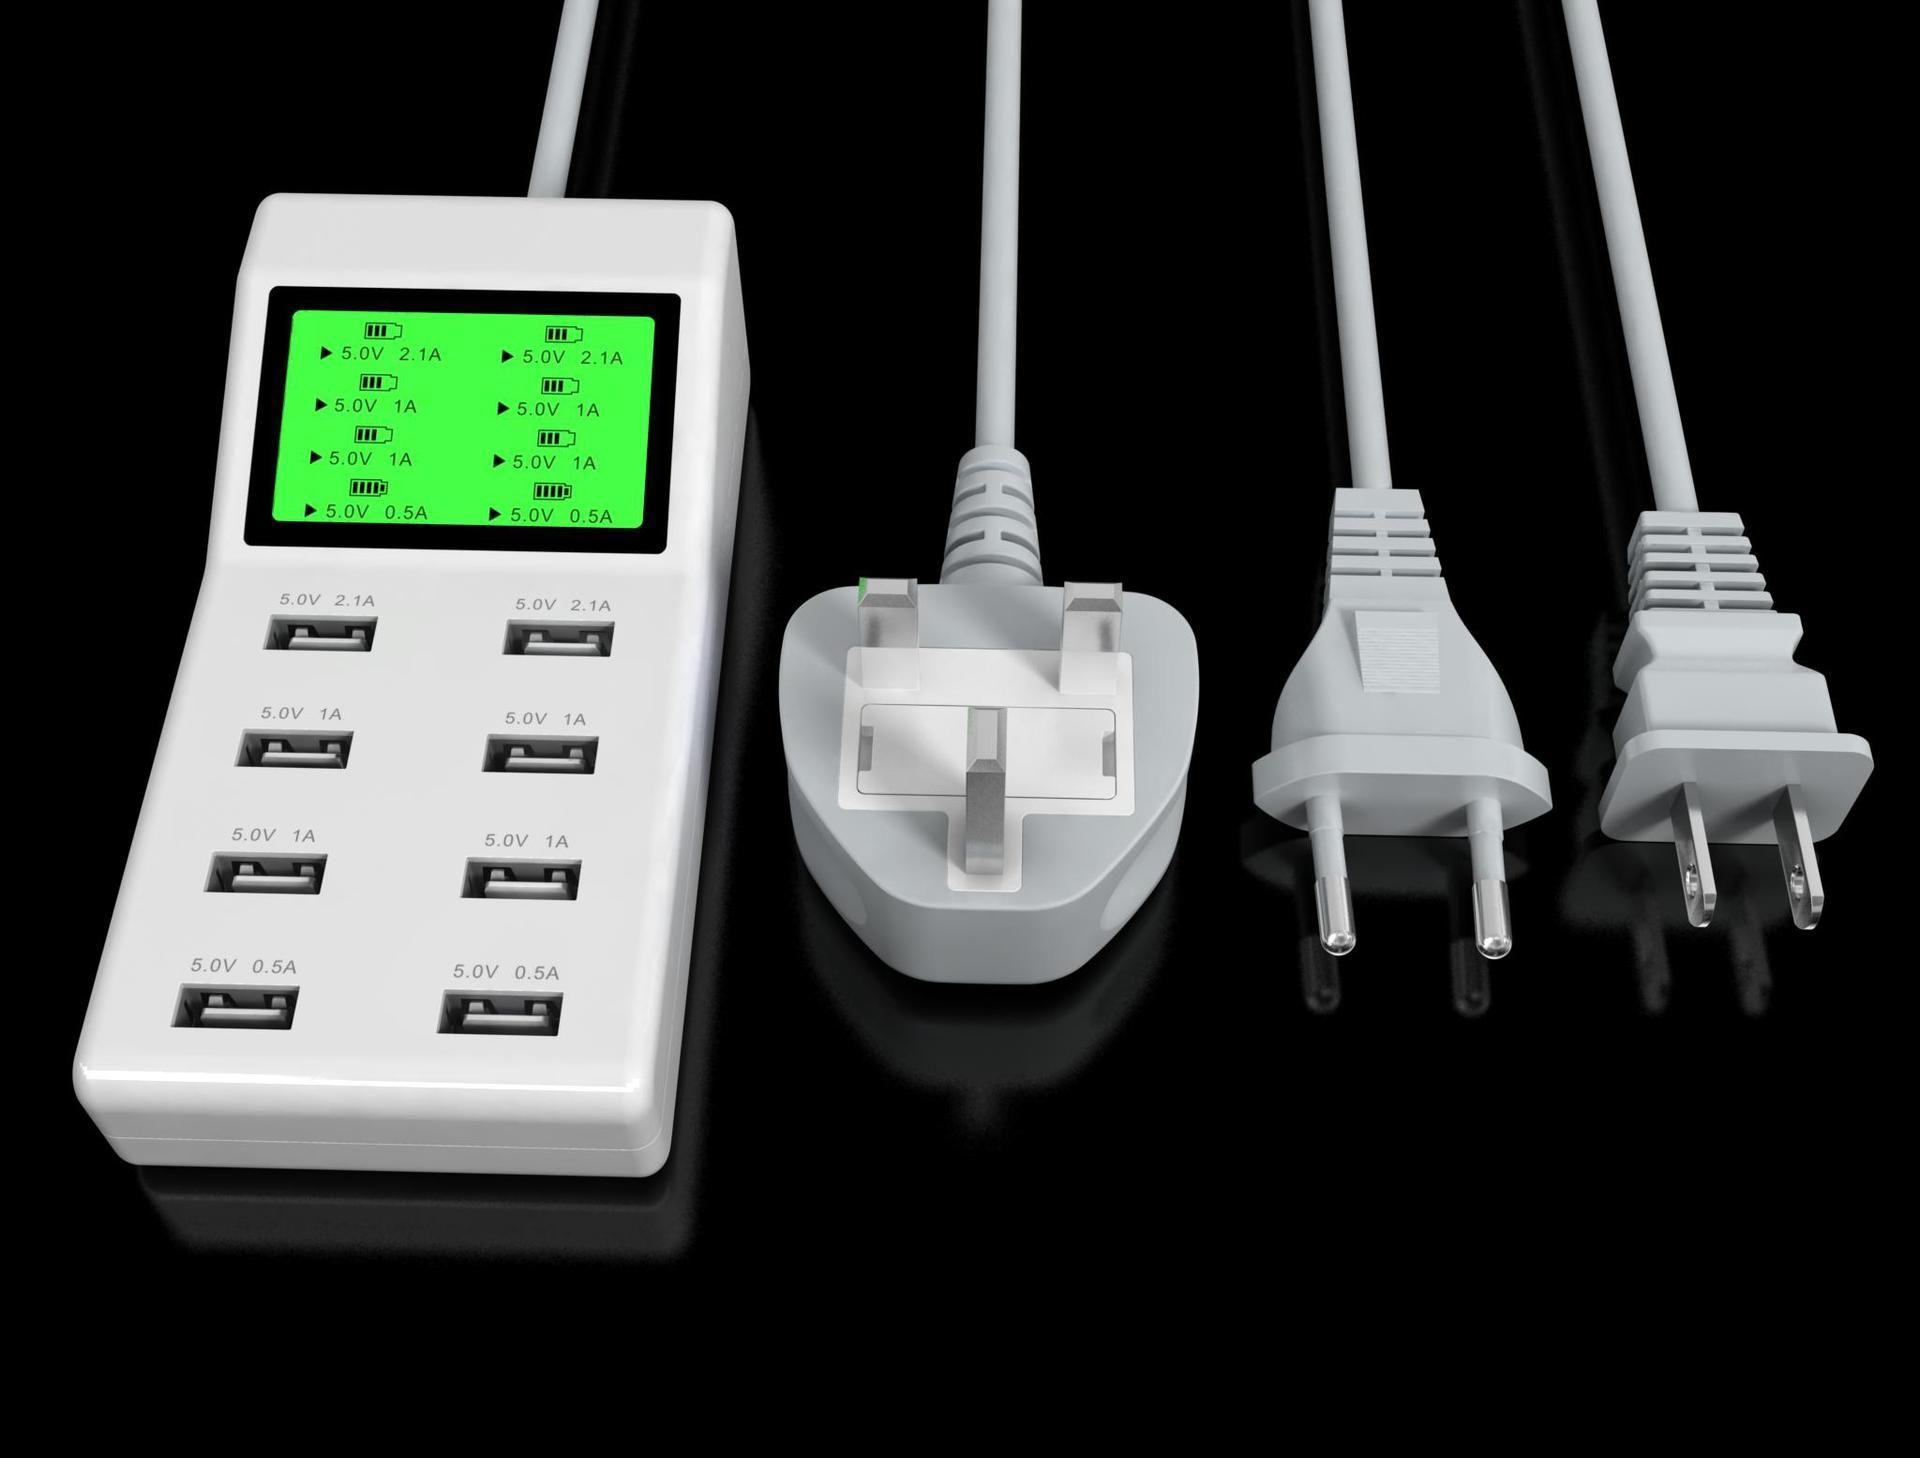 Affichage LED intelligent IC identification automatique USB chargeur de téléphone portable chargeur rapide de téléphone portable